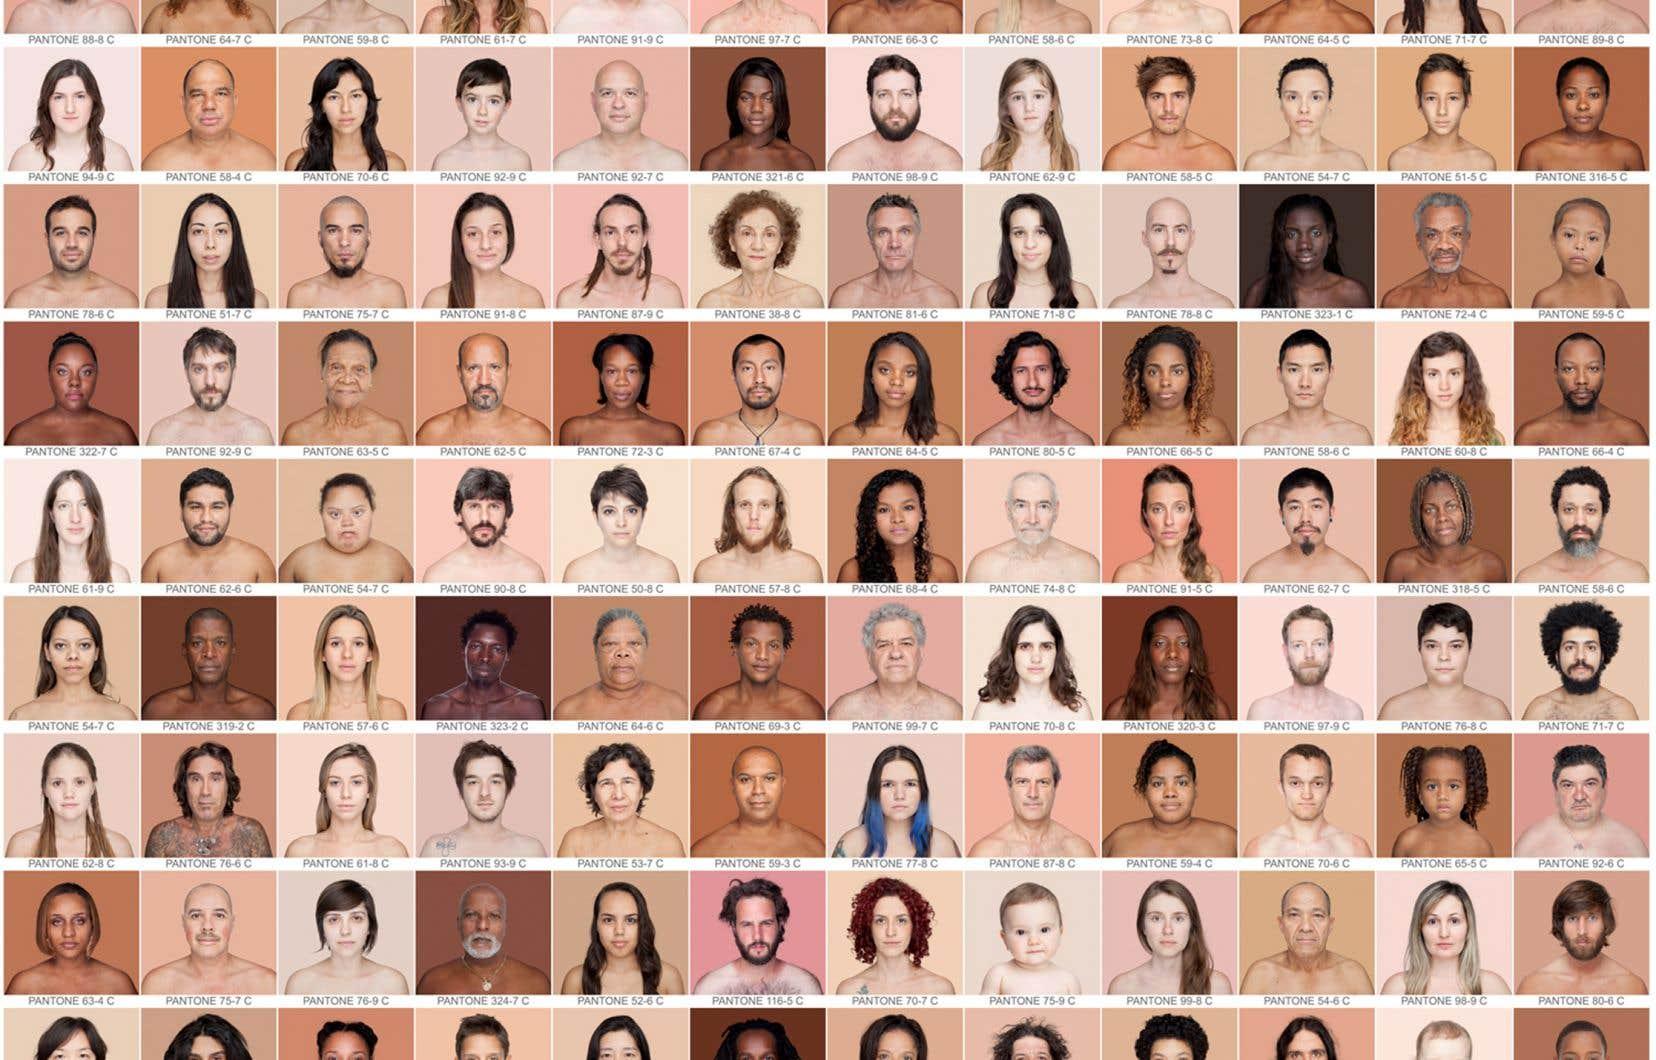 Ce qui fait la force du projet de collage, estime Angélica Dass, c'est l'absence d'informations sur les sujets. «On ne sait pas qui est le pauvre et qui est le riche. On ne sait pas qui est le migrant, qui est handicapé, quelle est l'orientation sexuelle de chacun.»